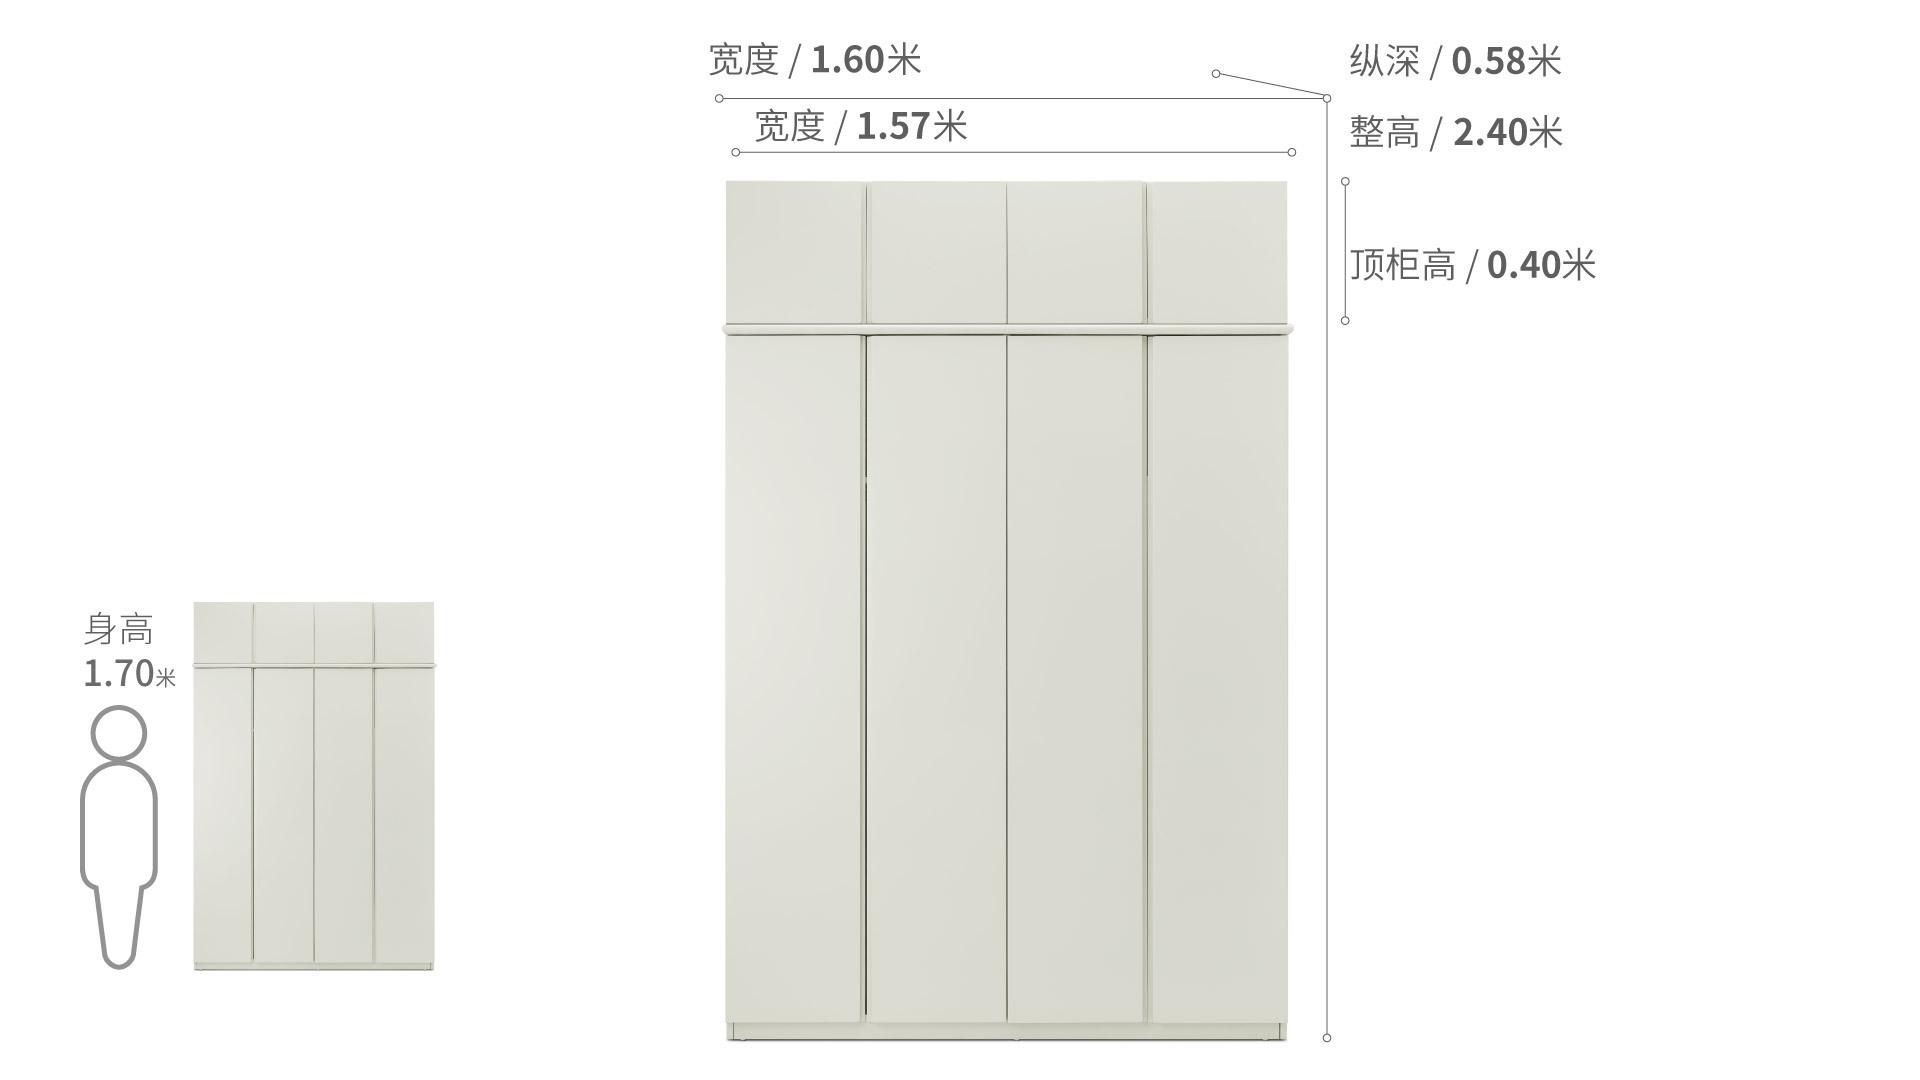 美术馆衣柜四门有顶柜柜架效果图